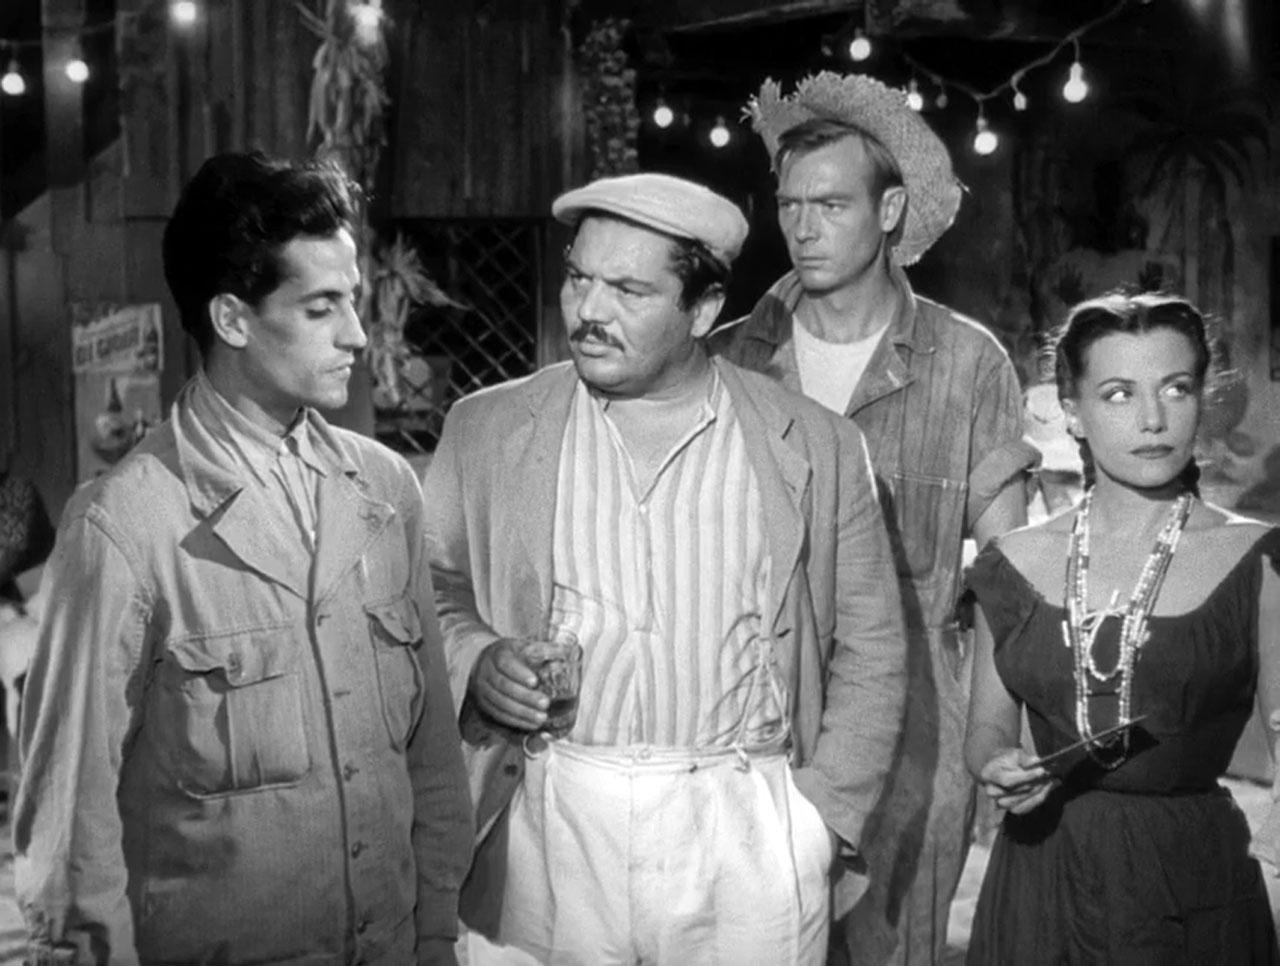 Фільм «Плата за страх» (1953): Луїш де Ліма, Фолько Люллі, Джеронімо Мітчелл, Вера Клузо 1280x966